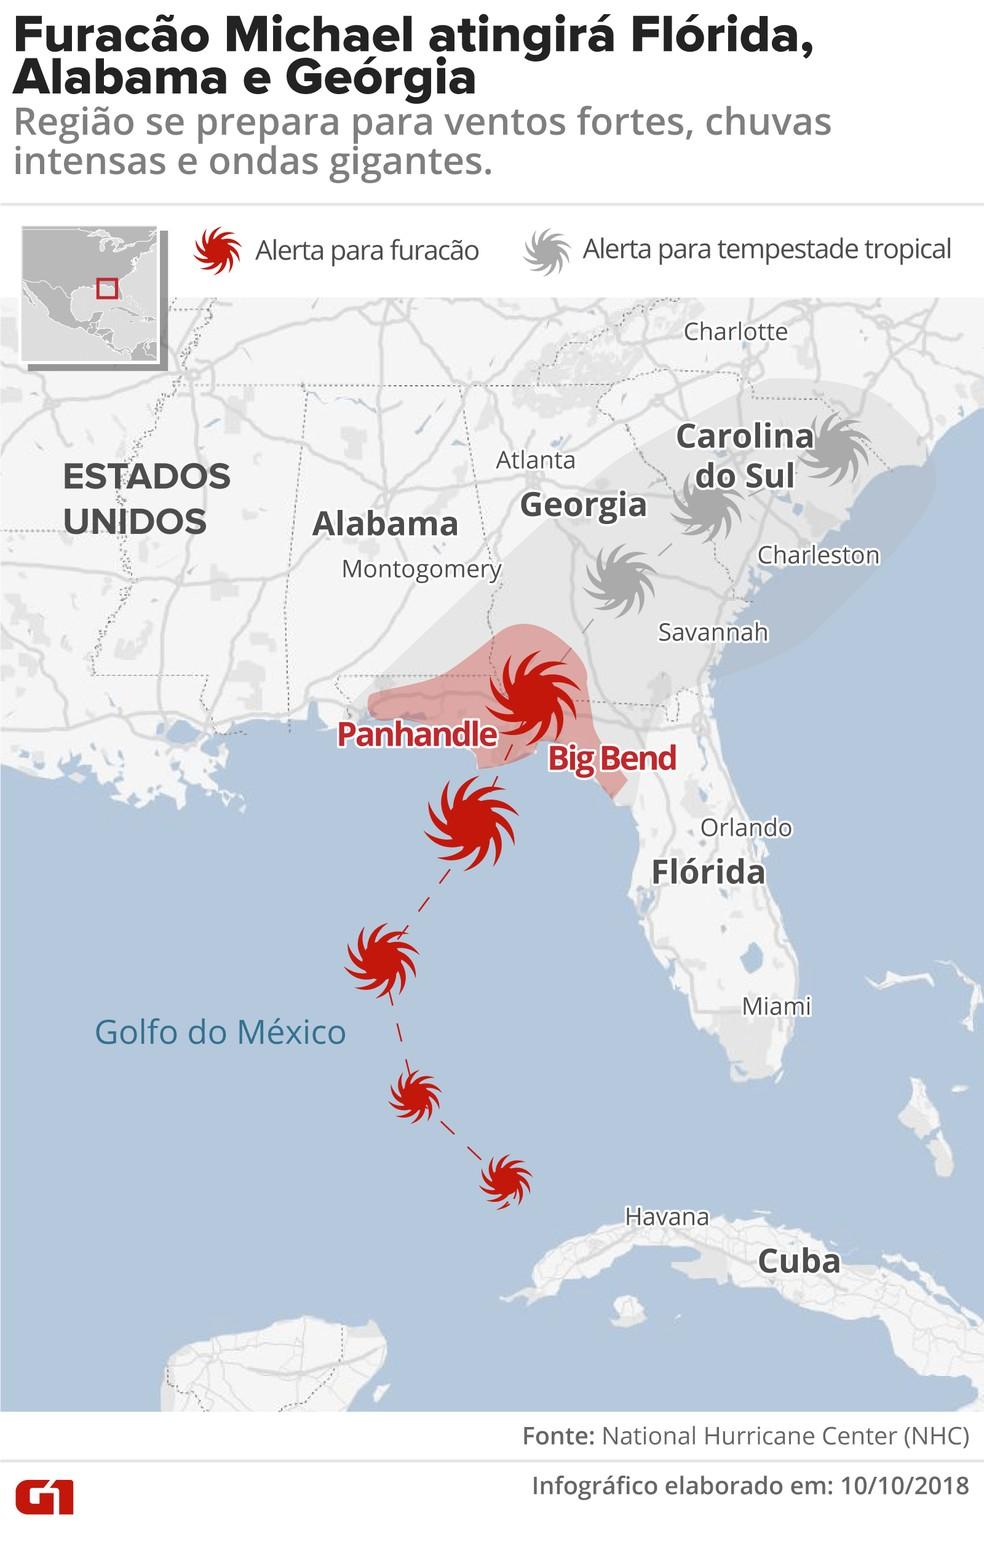 Furacão Michael atingirá Flórida, Geórgia e Alabama — Foto: Juliane Monteiro/G1